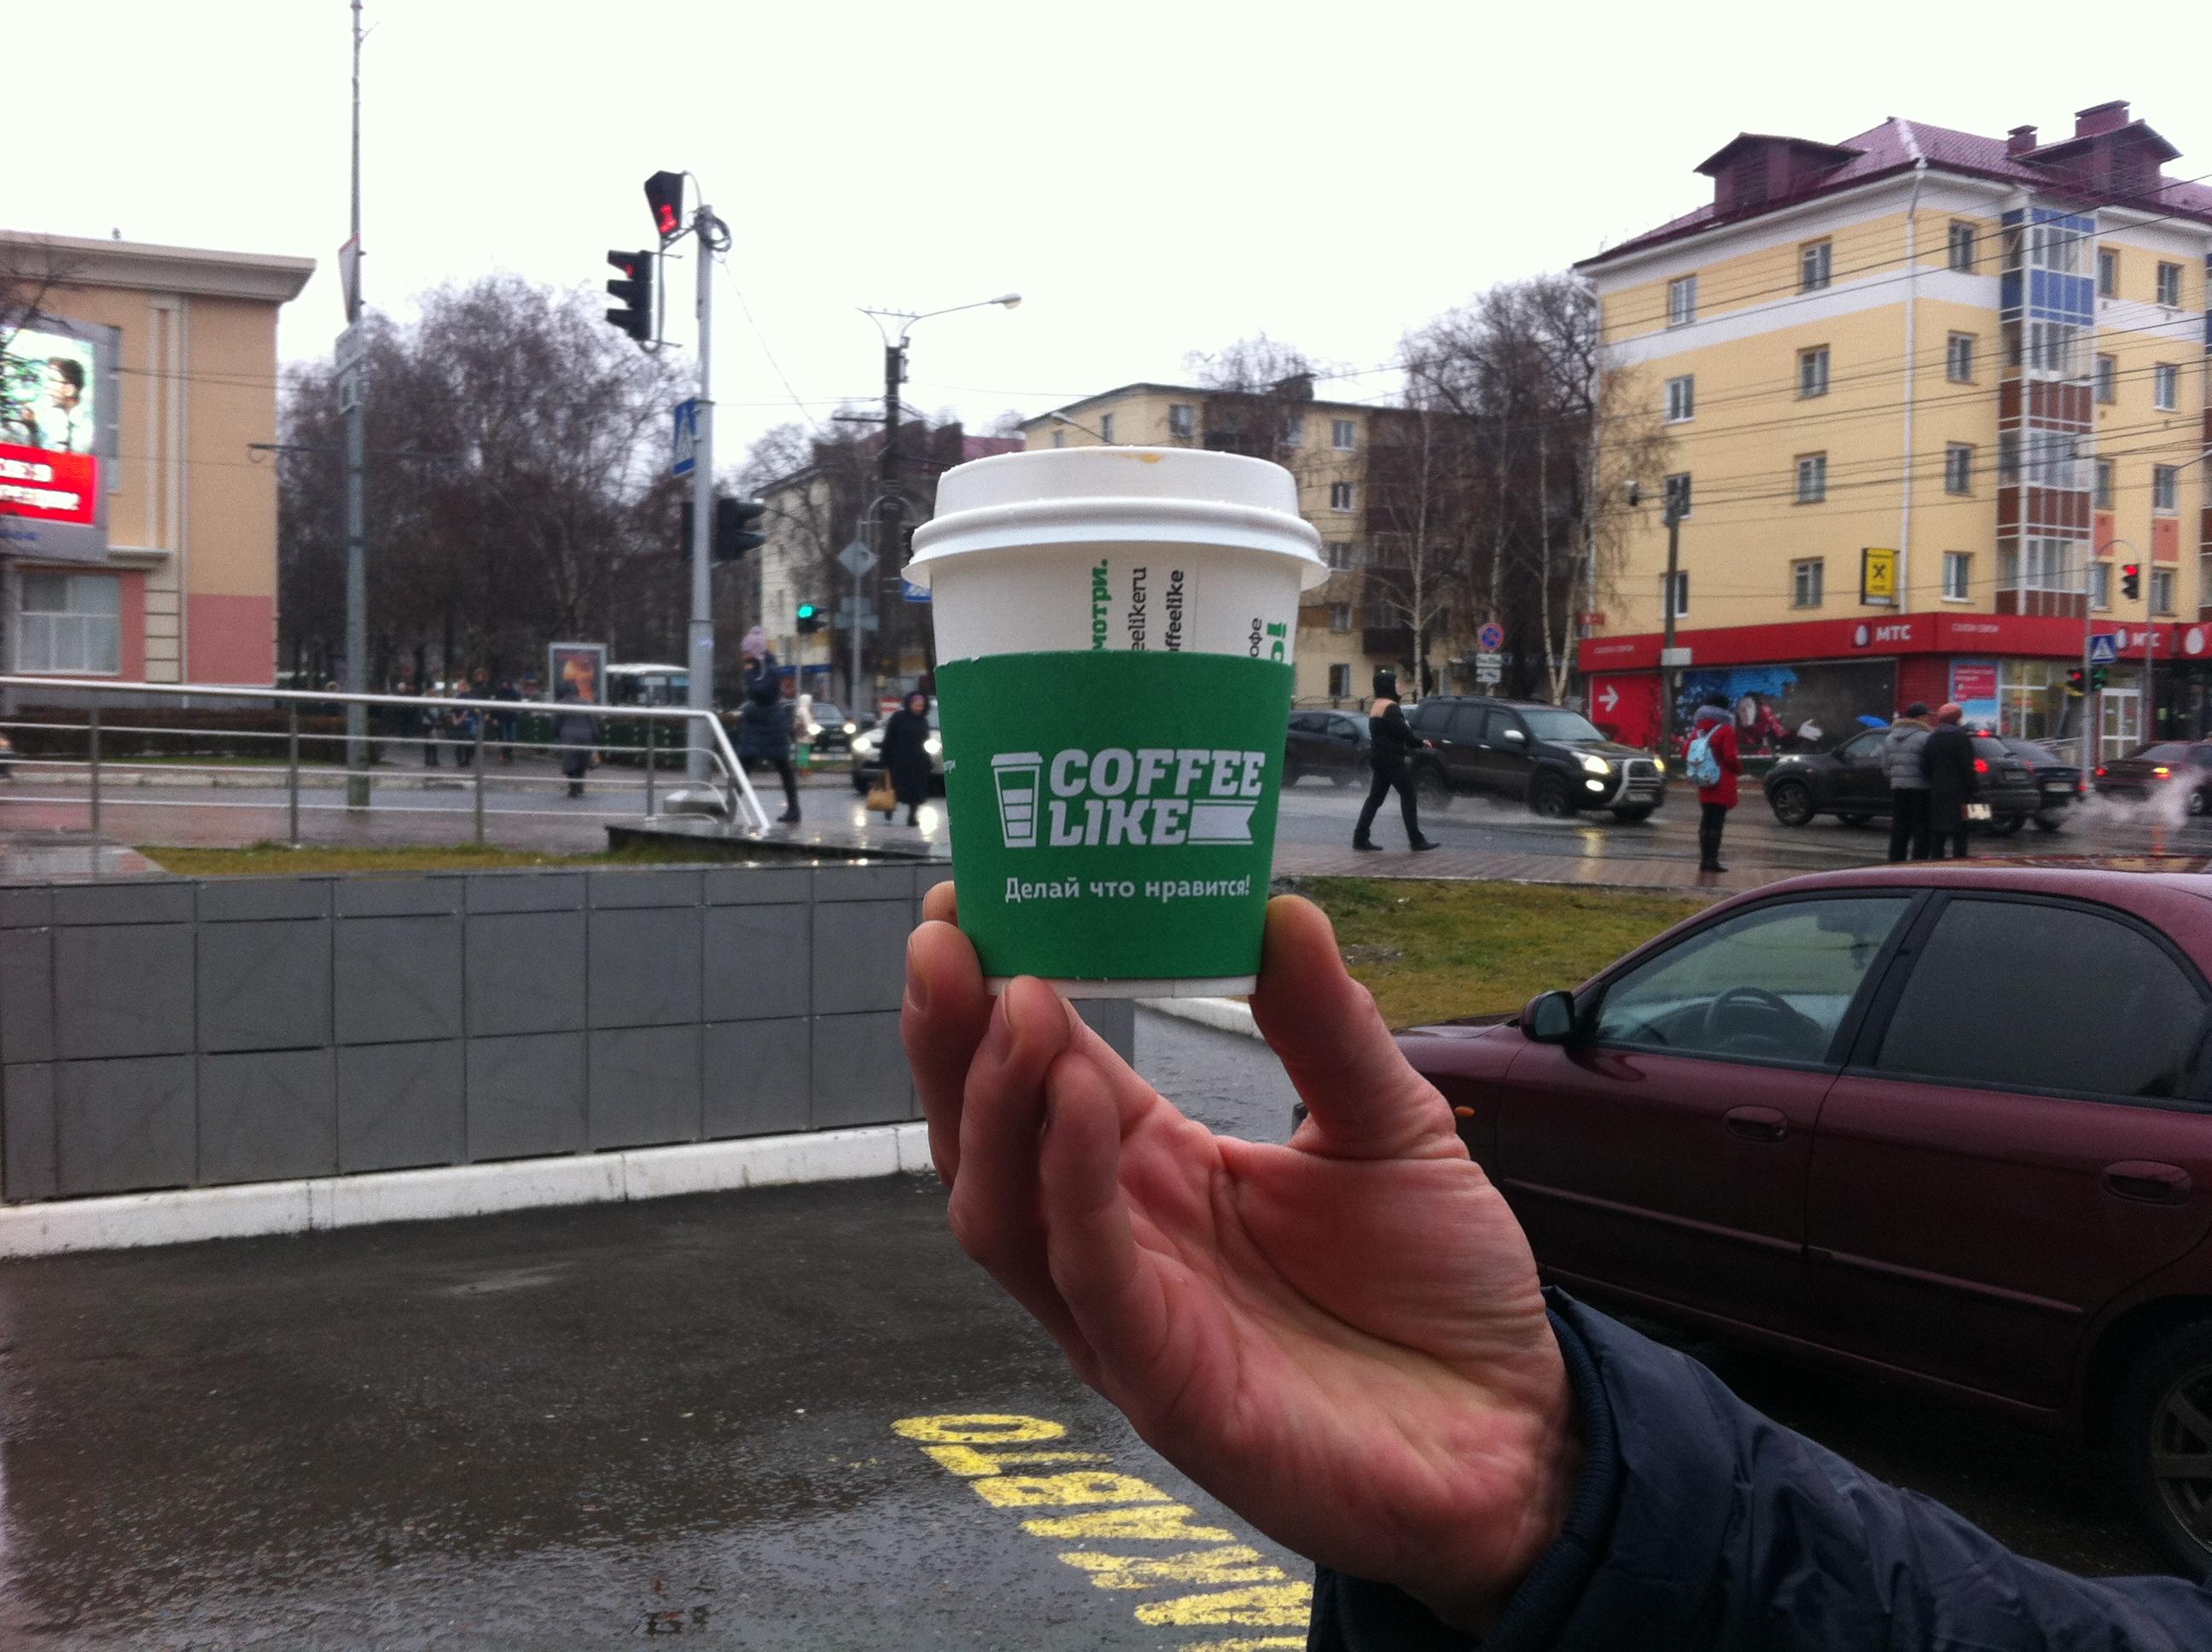 Где в Саранске варят  b лучший кофе   с nbsp собой     b  IMG_5019